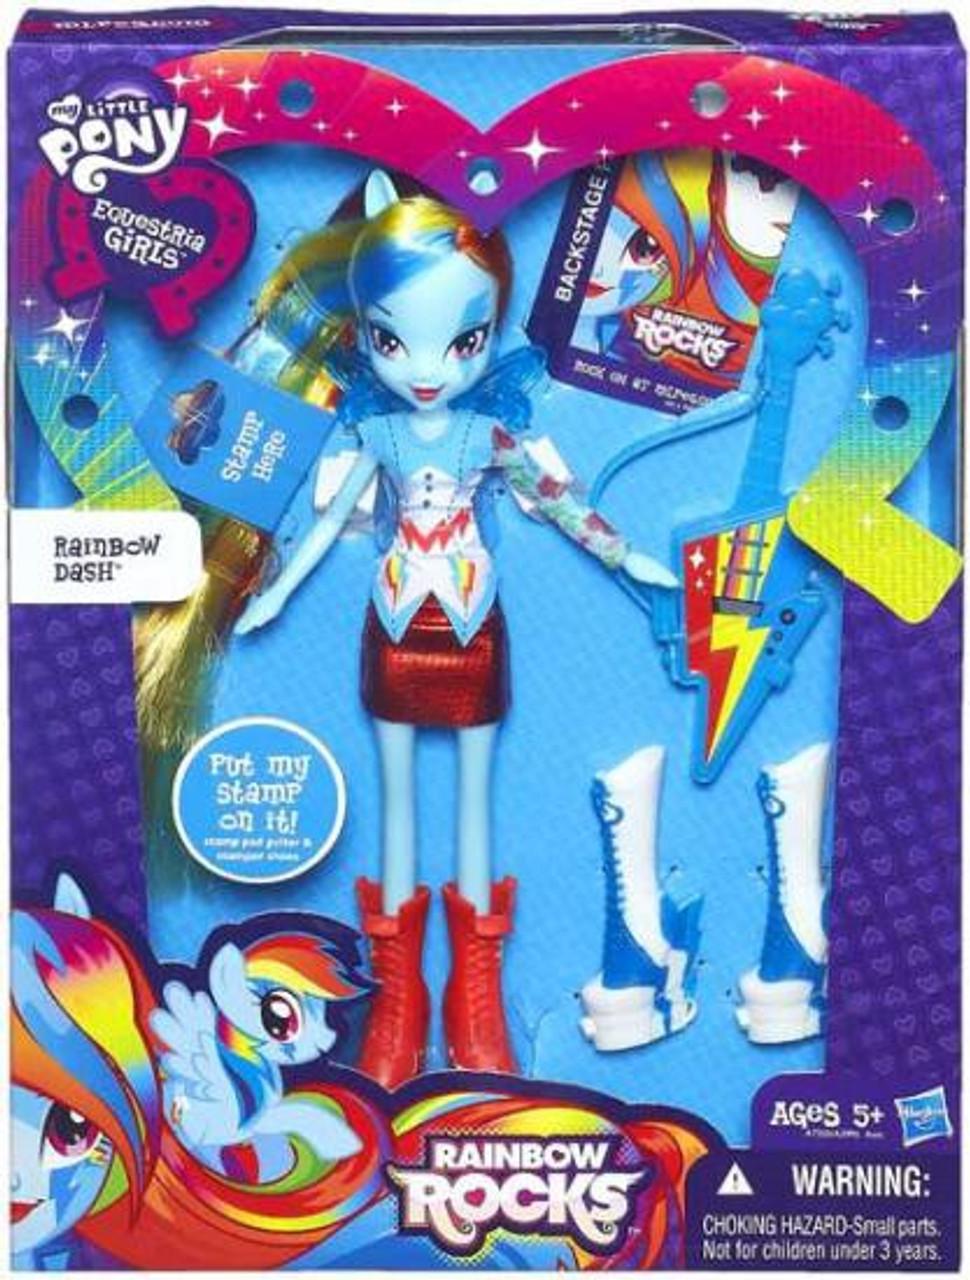 My Little Pony Equestria Girls Rainbow Dash Doll Hasbro 9 inch NEW SEALED